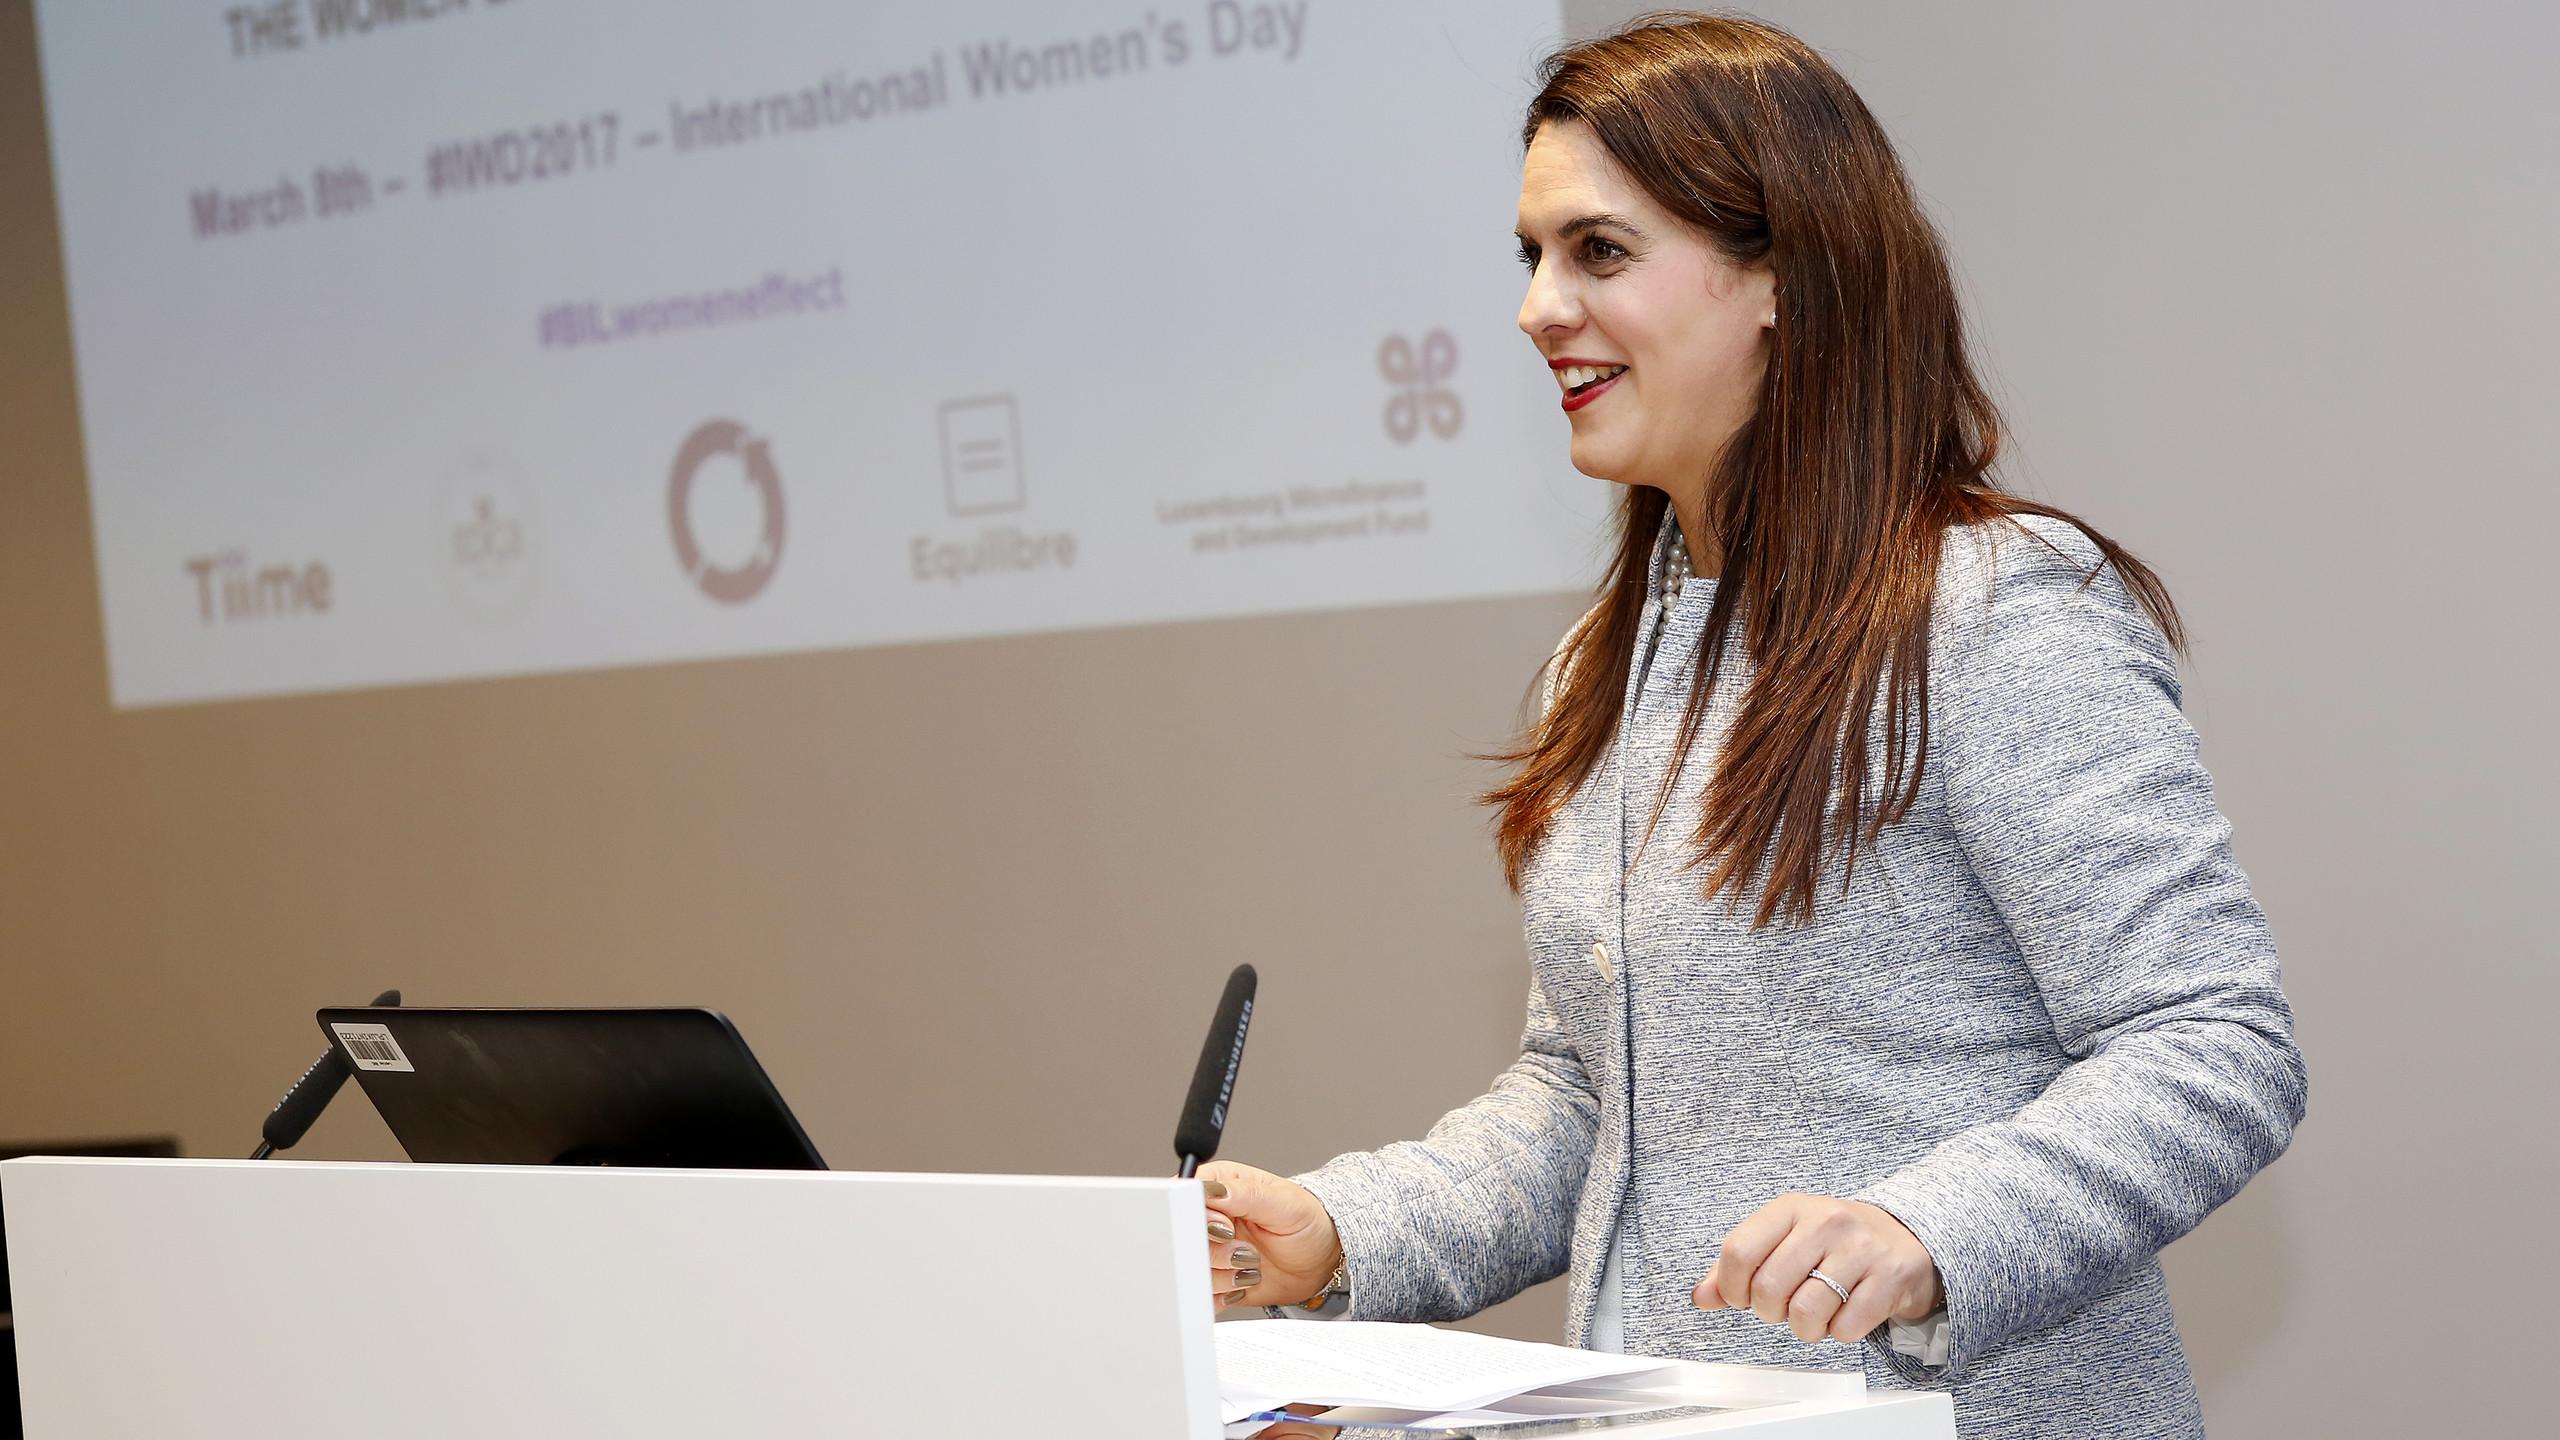 BIL Women Effect event